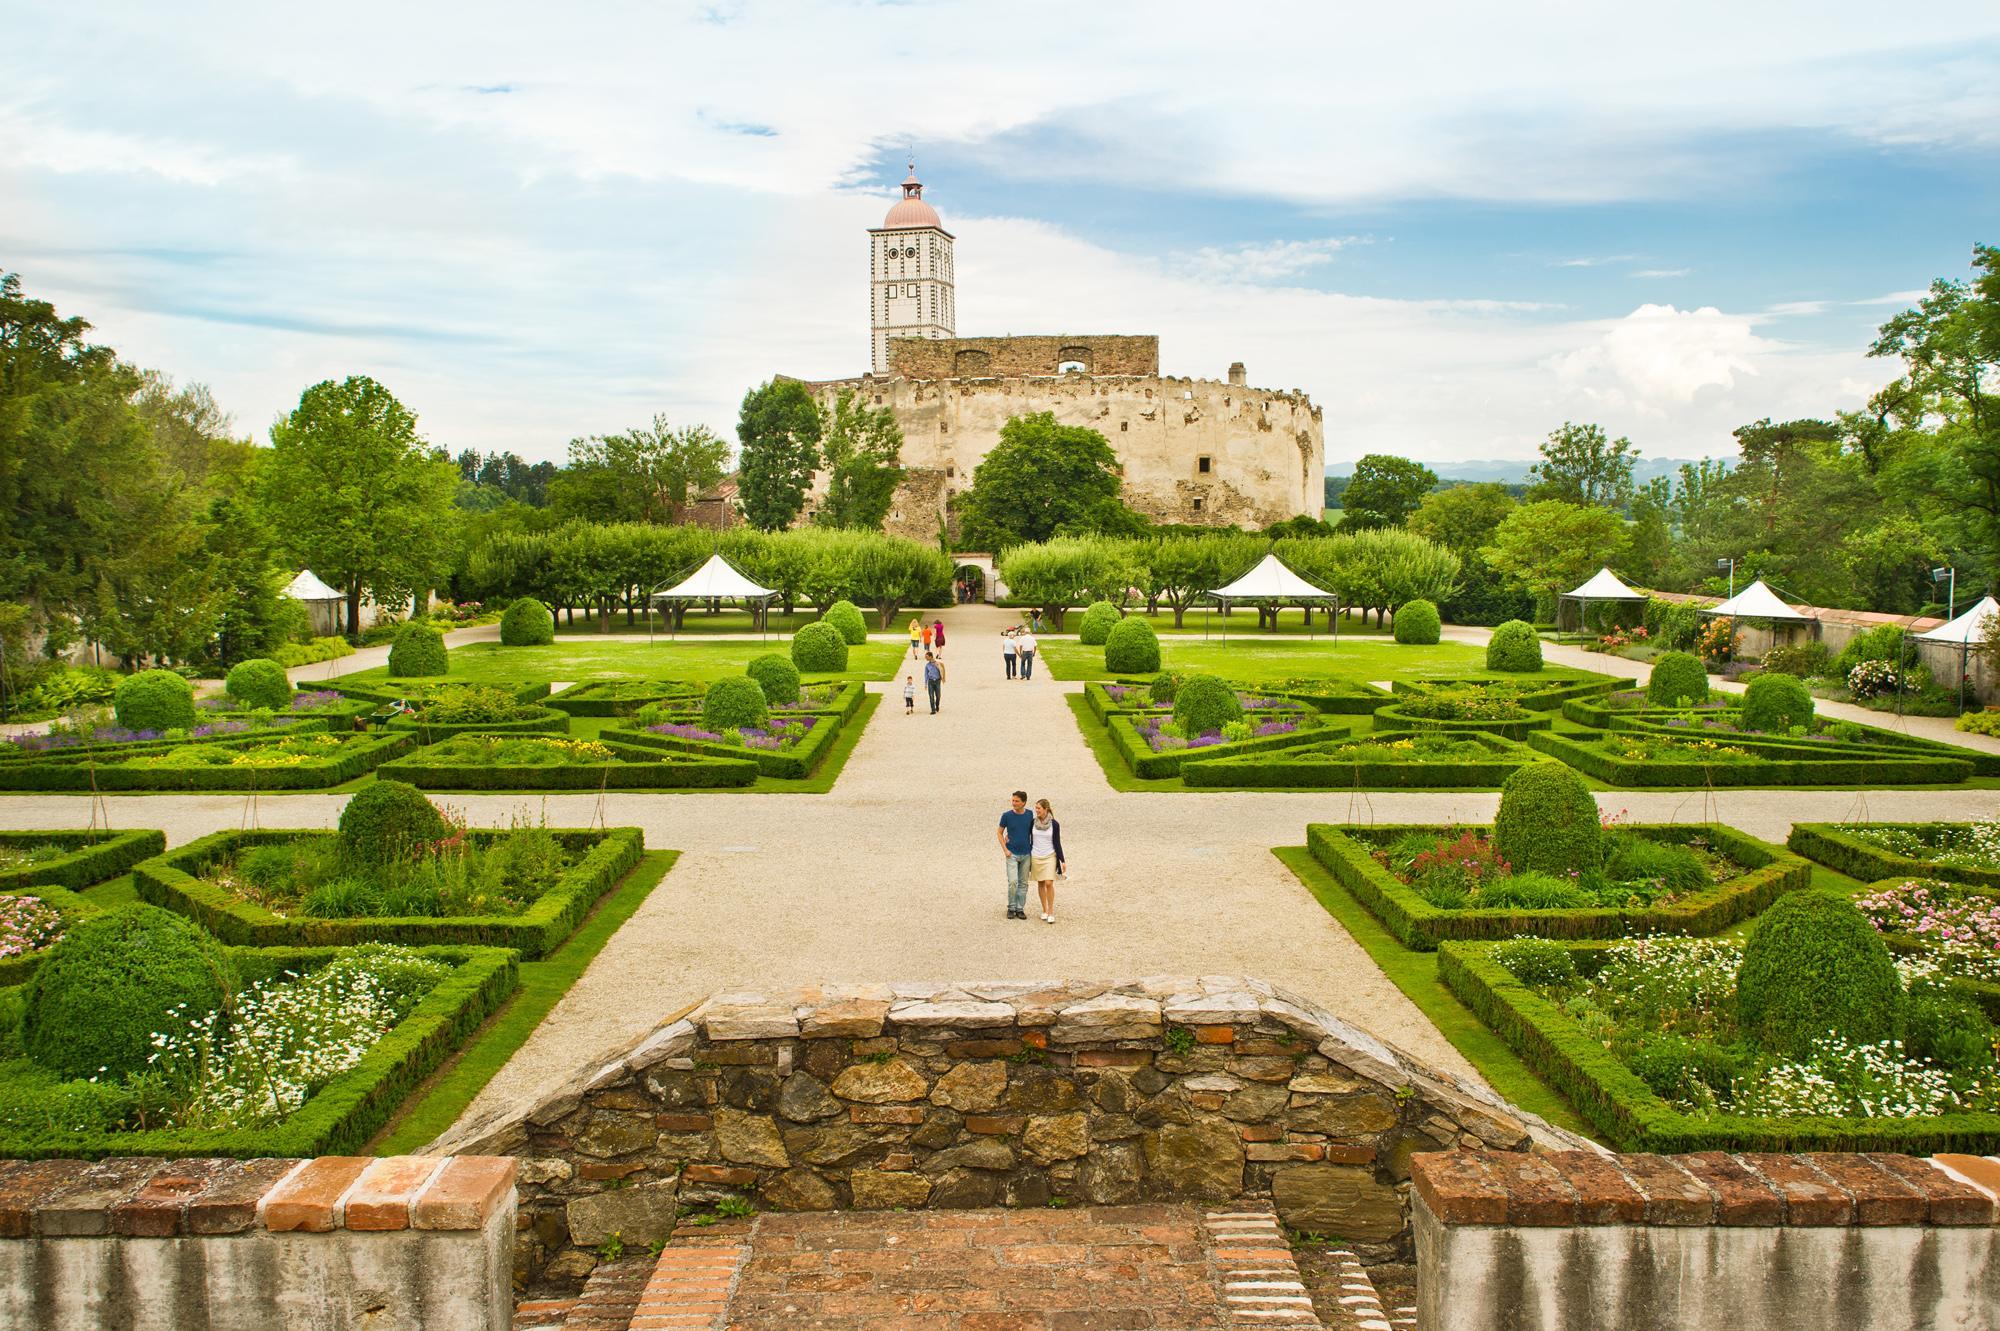 Schallaburg castle features a charming garden inviting you to take a stroll. – © Rita Newman / Schallaburg